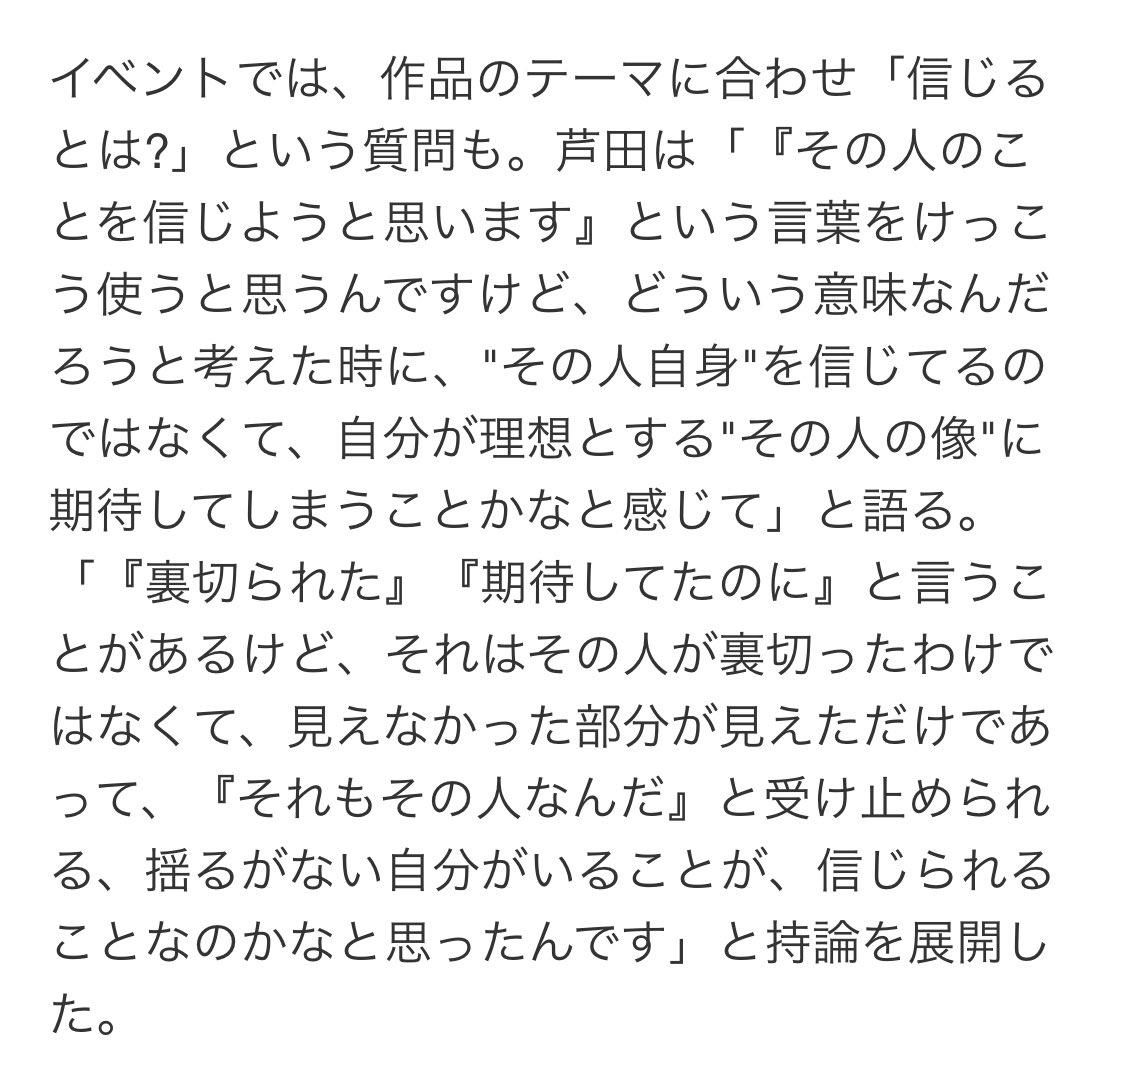 信じる という こと 芦田 愛菜